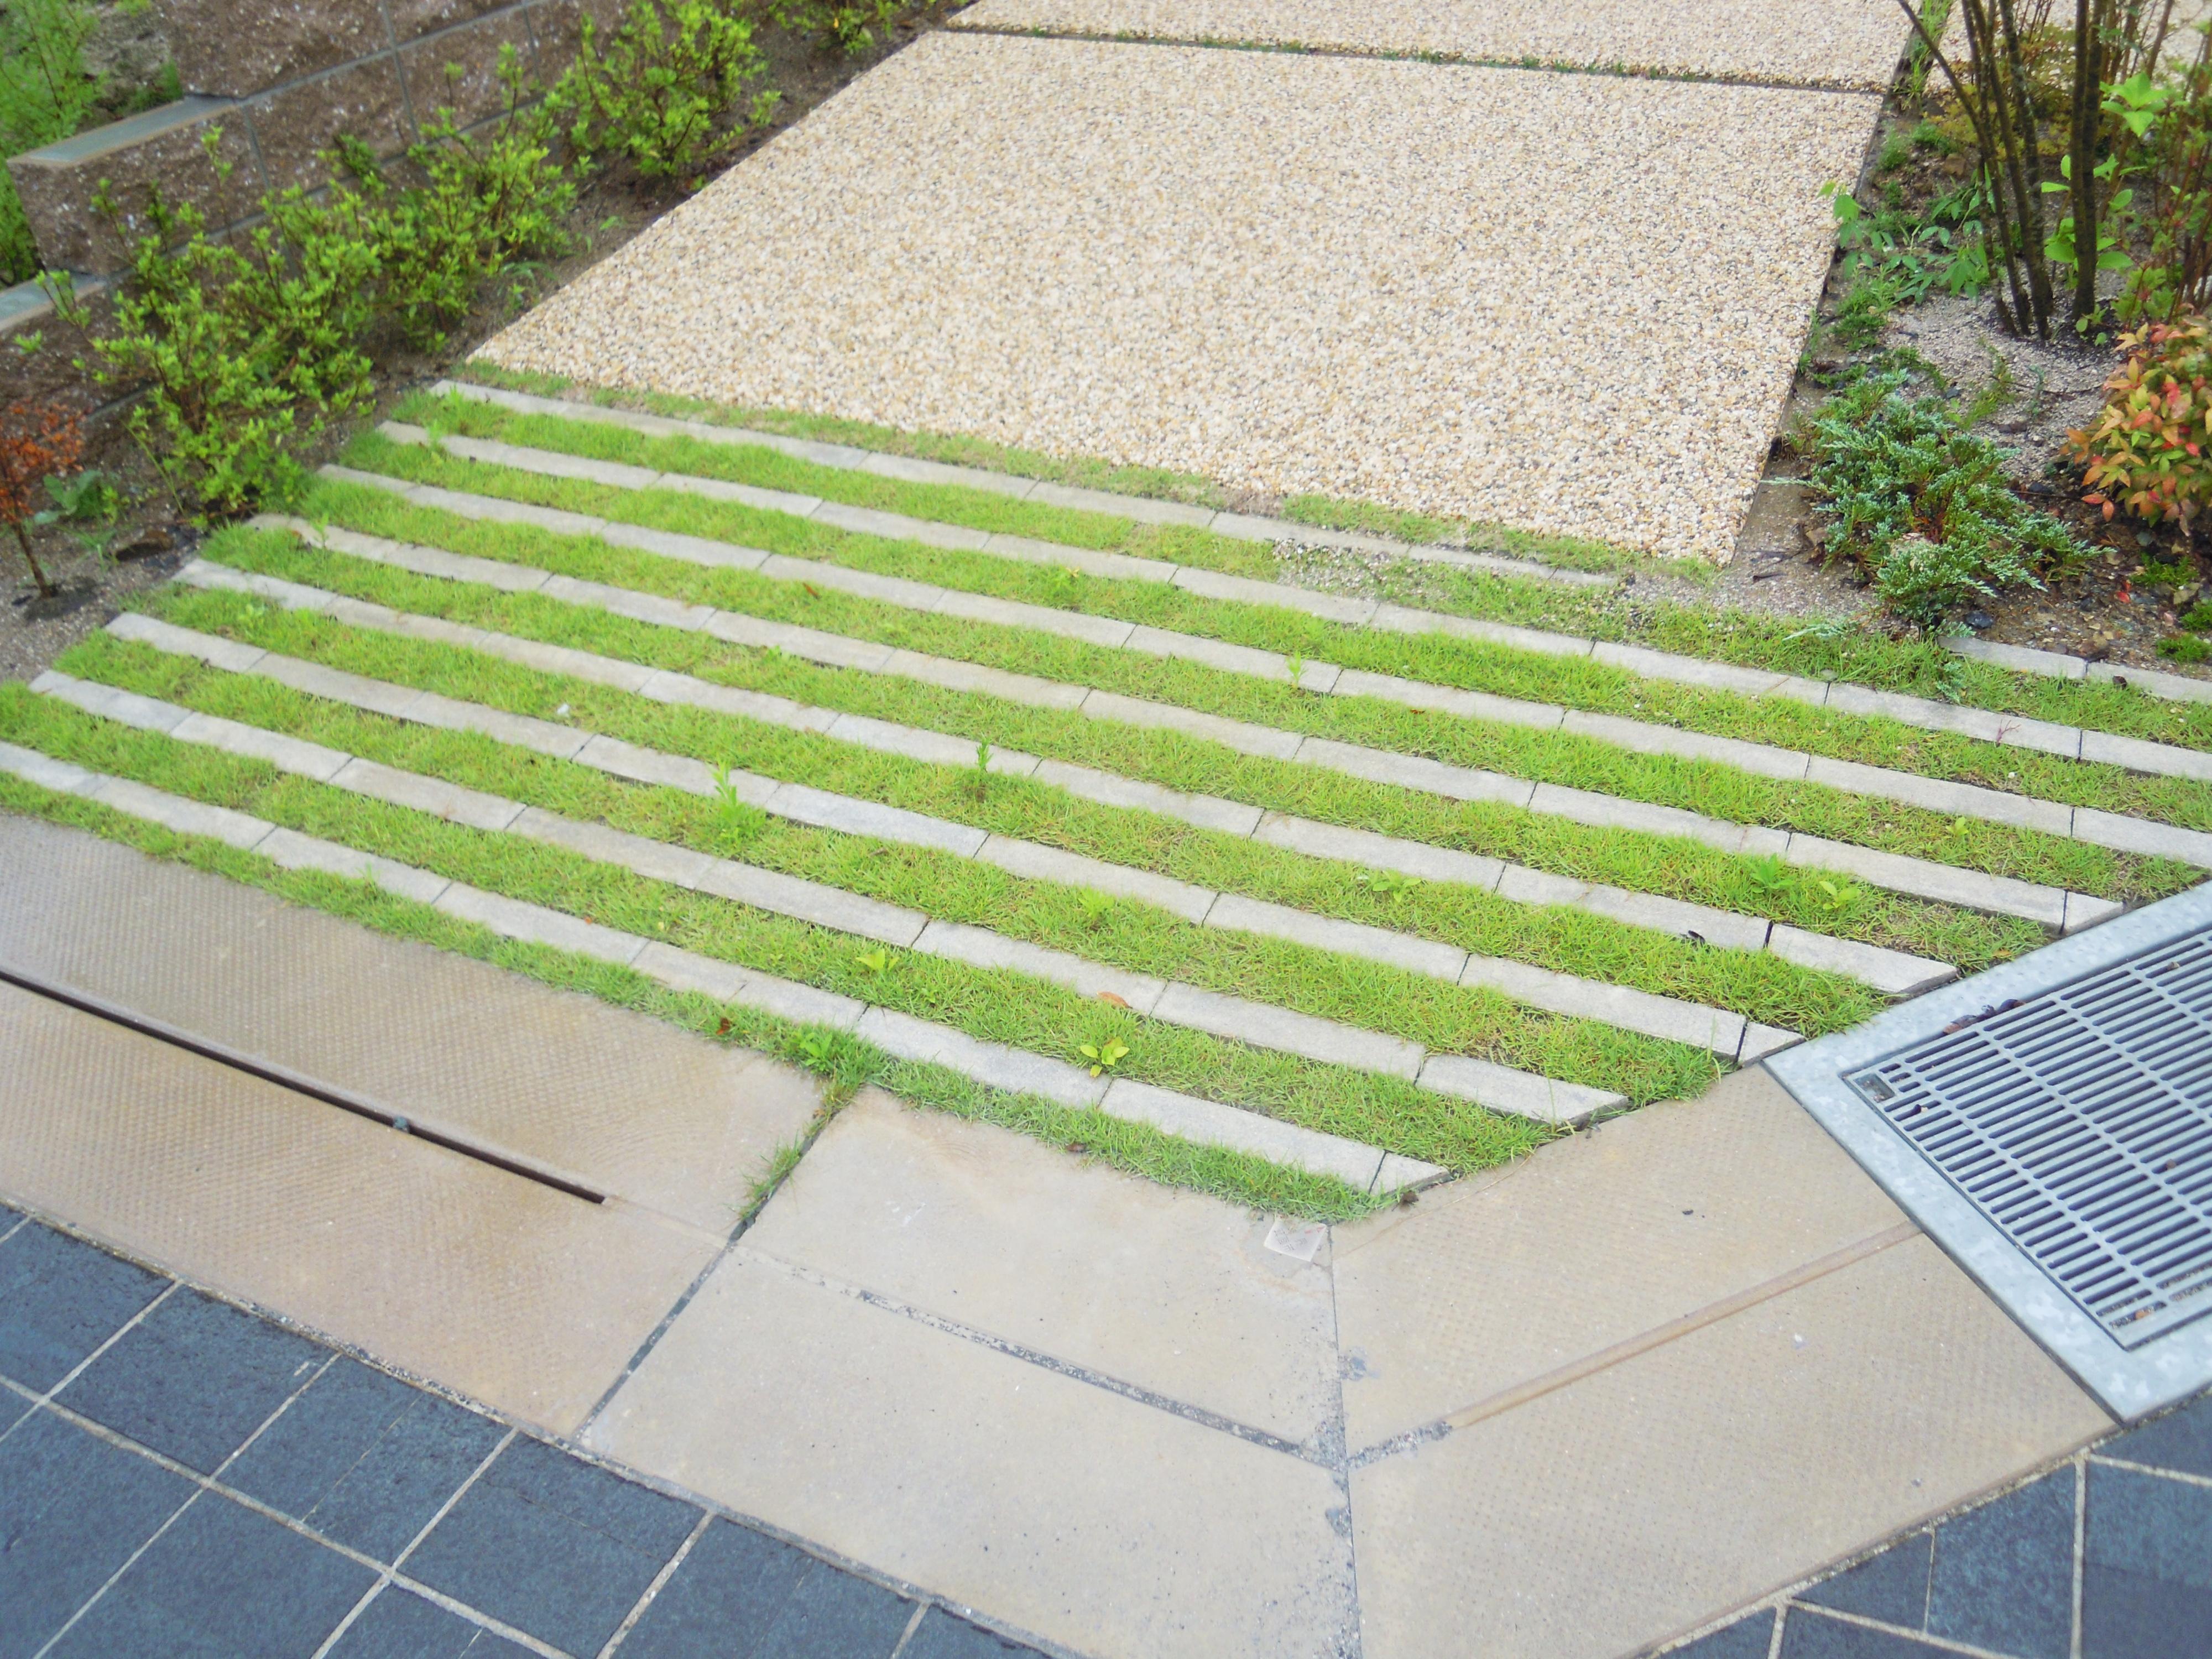 緑化ブロック 駐車スペース